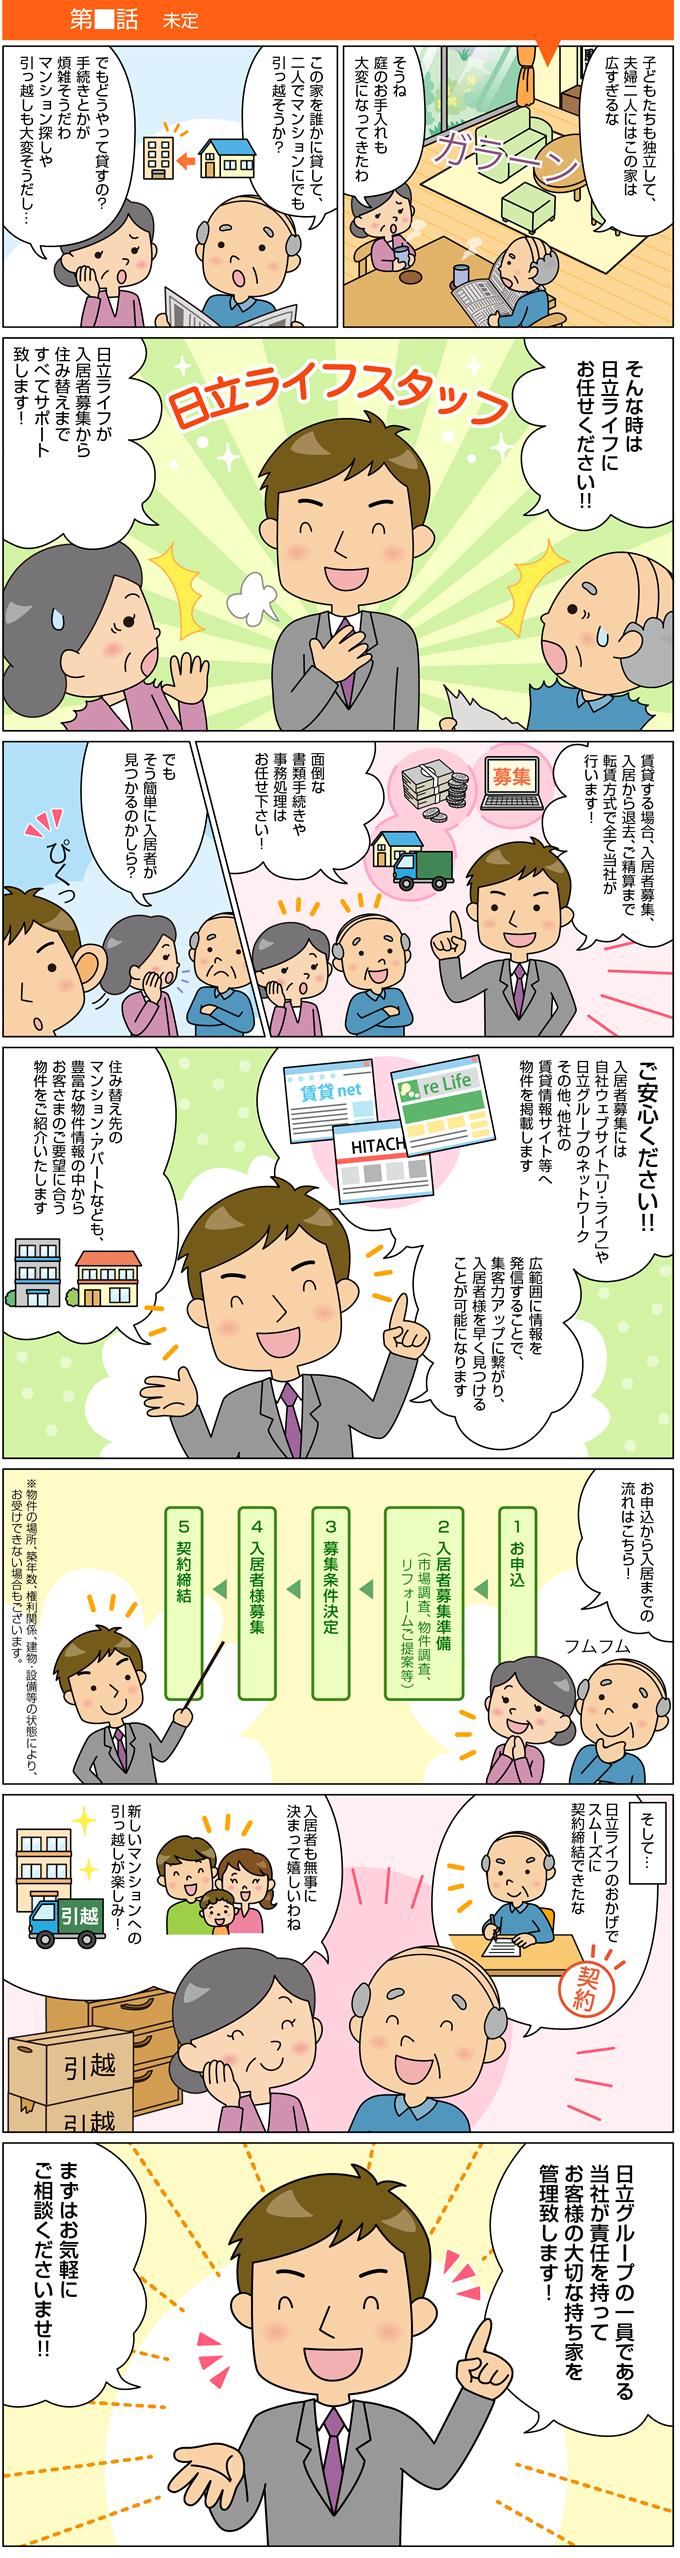 A102-19 住宅購入紹介マンガ